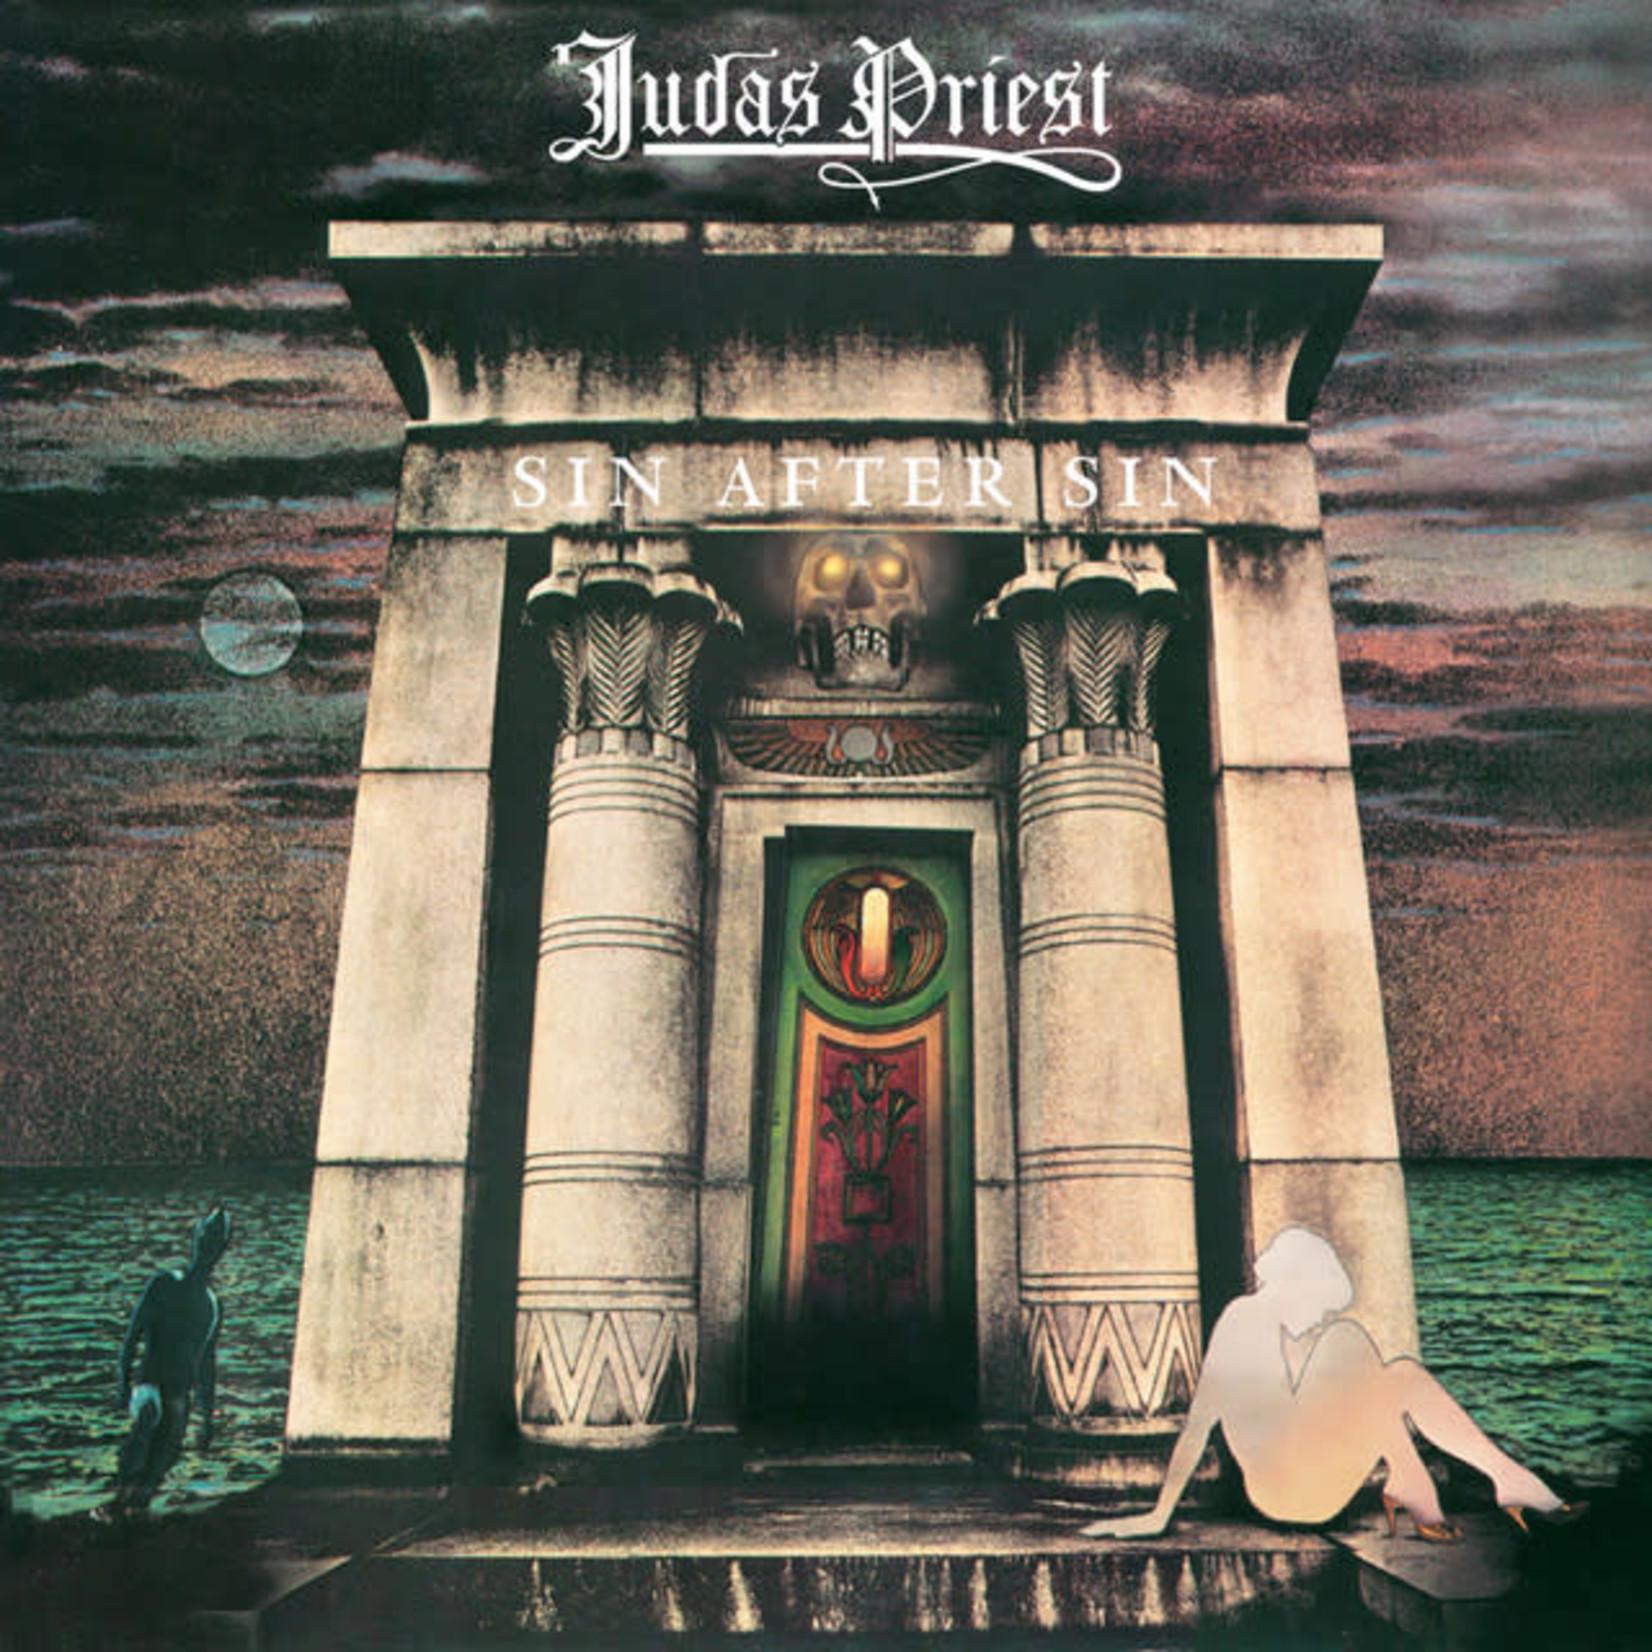 Vinyl Judas Priest - Sin After Sin